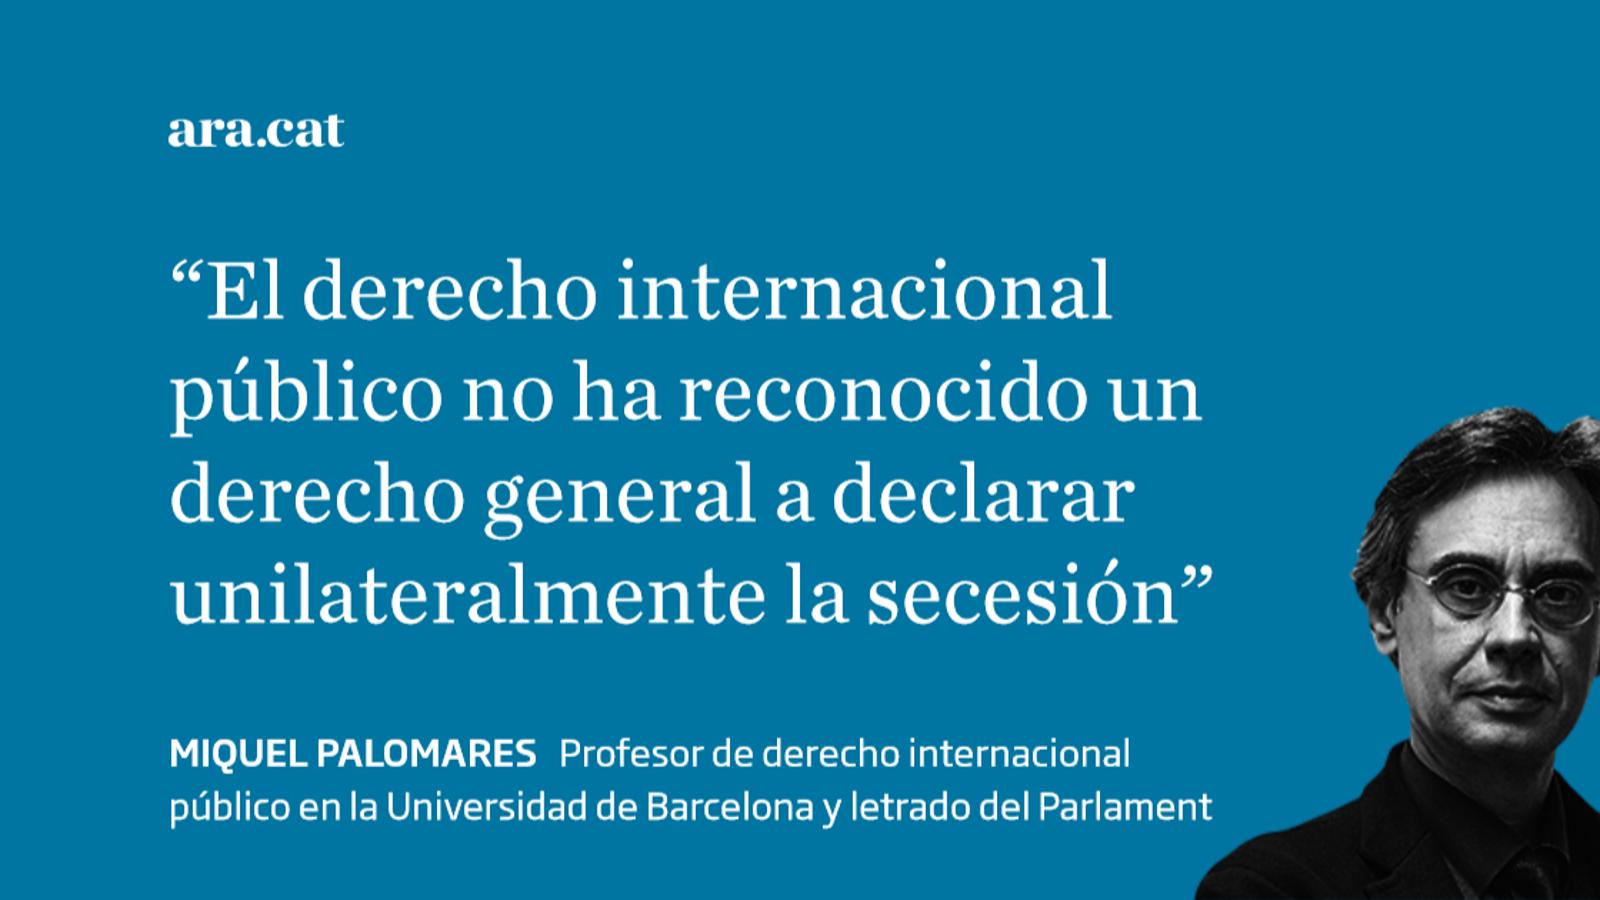 ¿Autodeterminación es secesión unilateral?